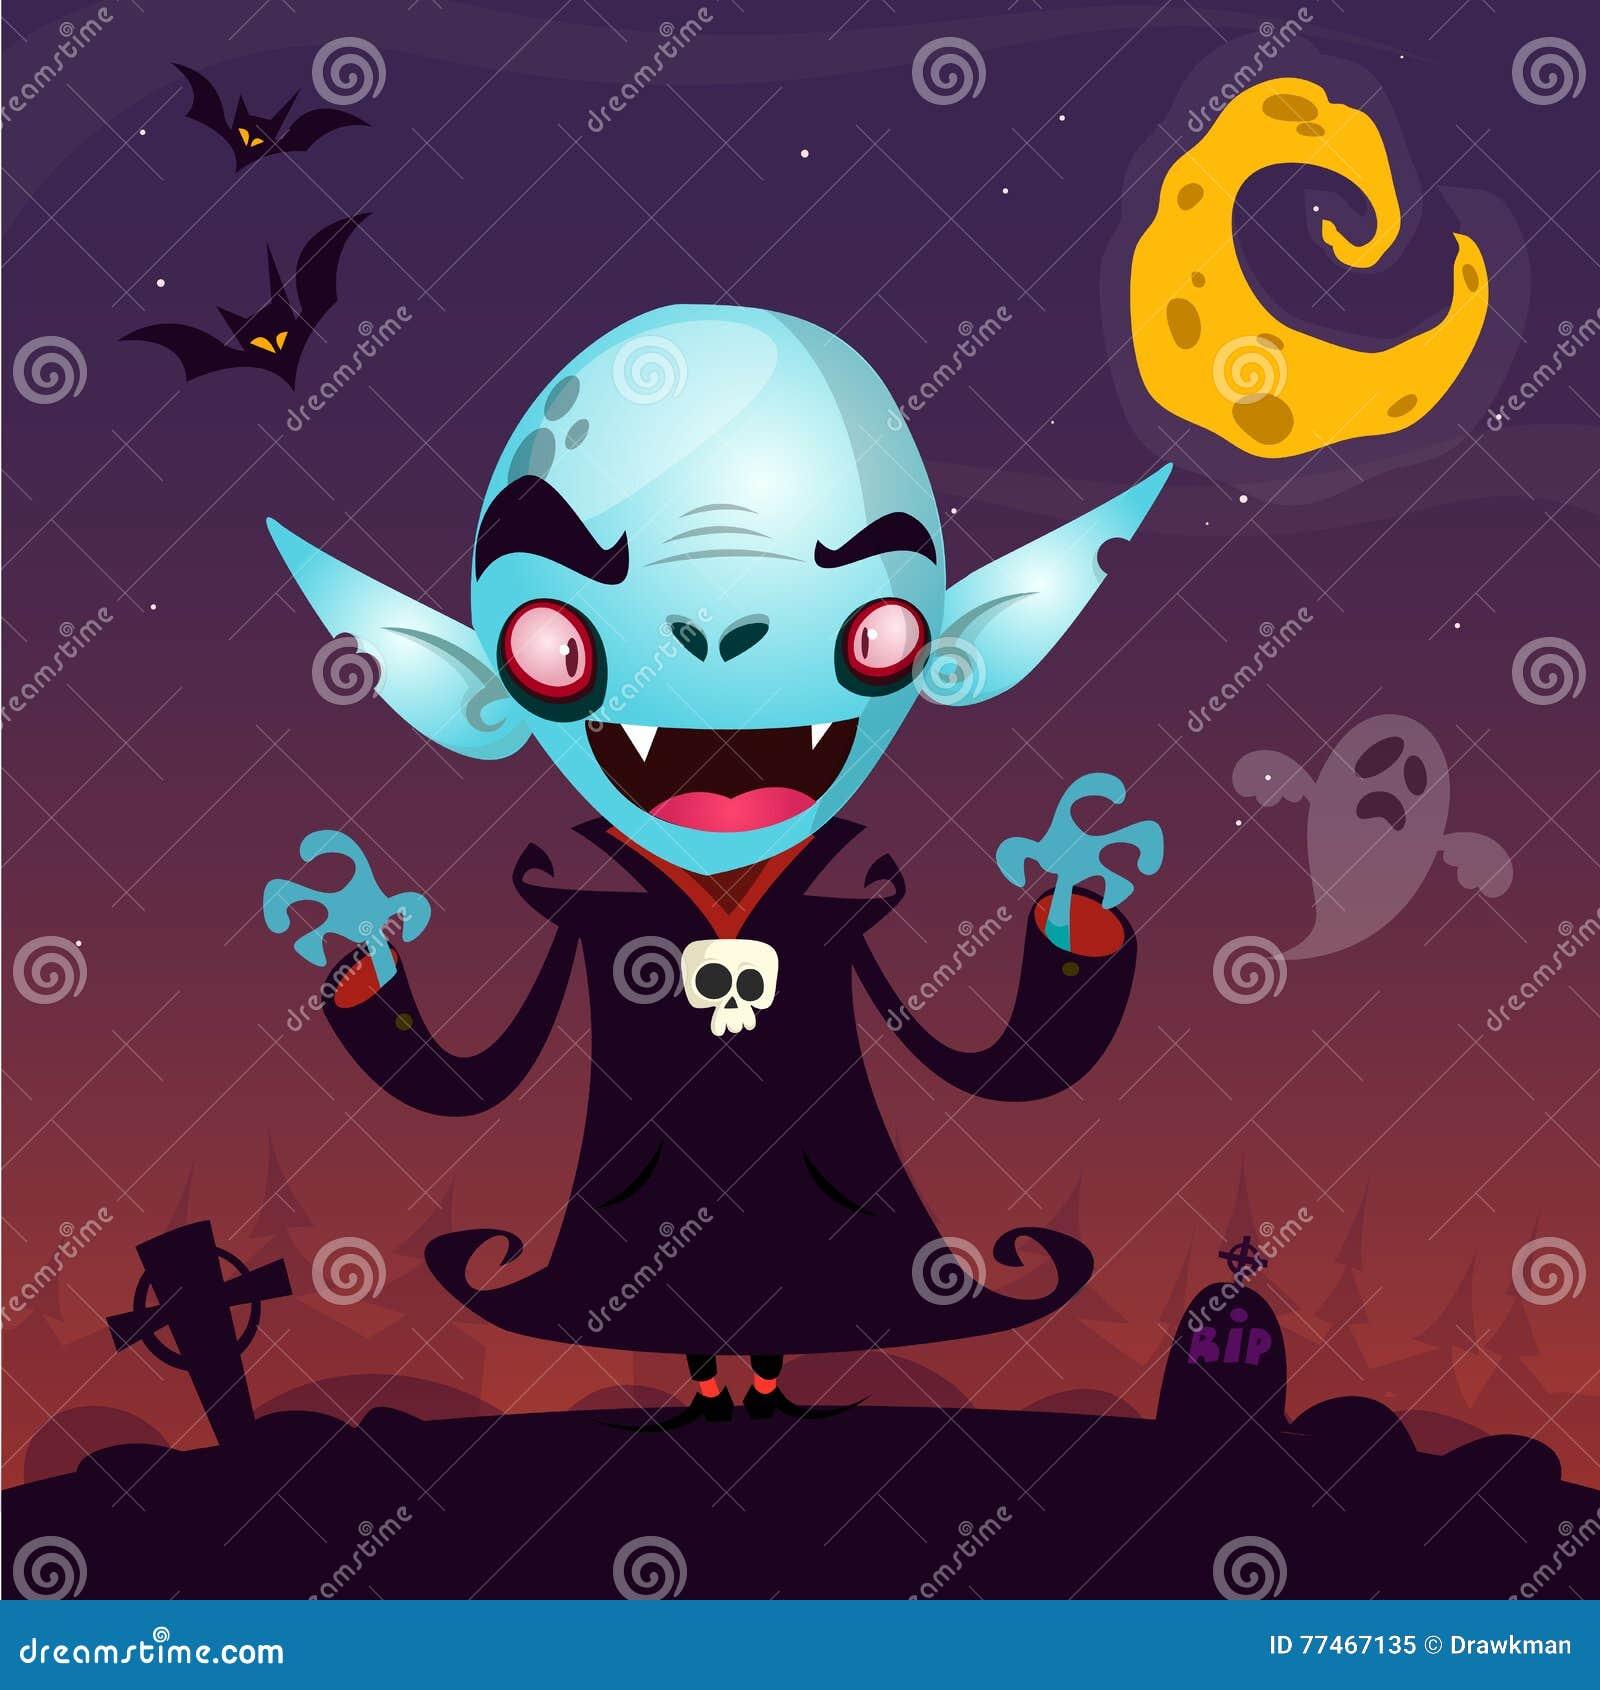 Χαριτωμένο βαμπίρ κινούμενων σχεδίων Χαρακτήρας βαμπίρ αποκριών στο σκοτεινό νεκροταφείο, το φάντασμα και το φεγγάρι υποβάθρου fi